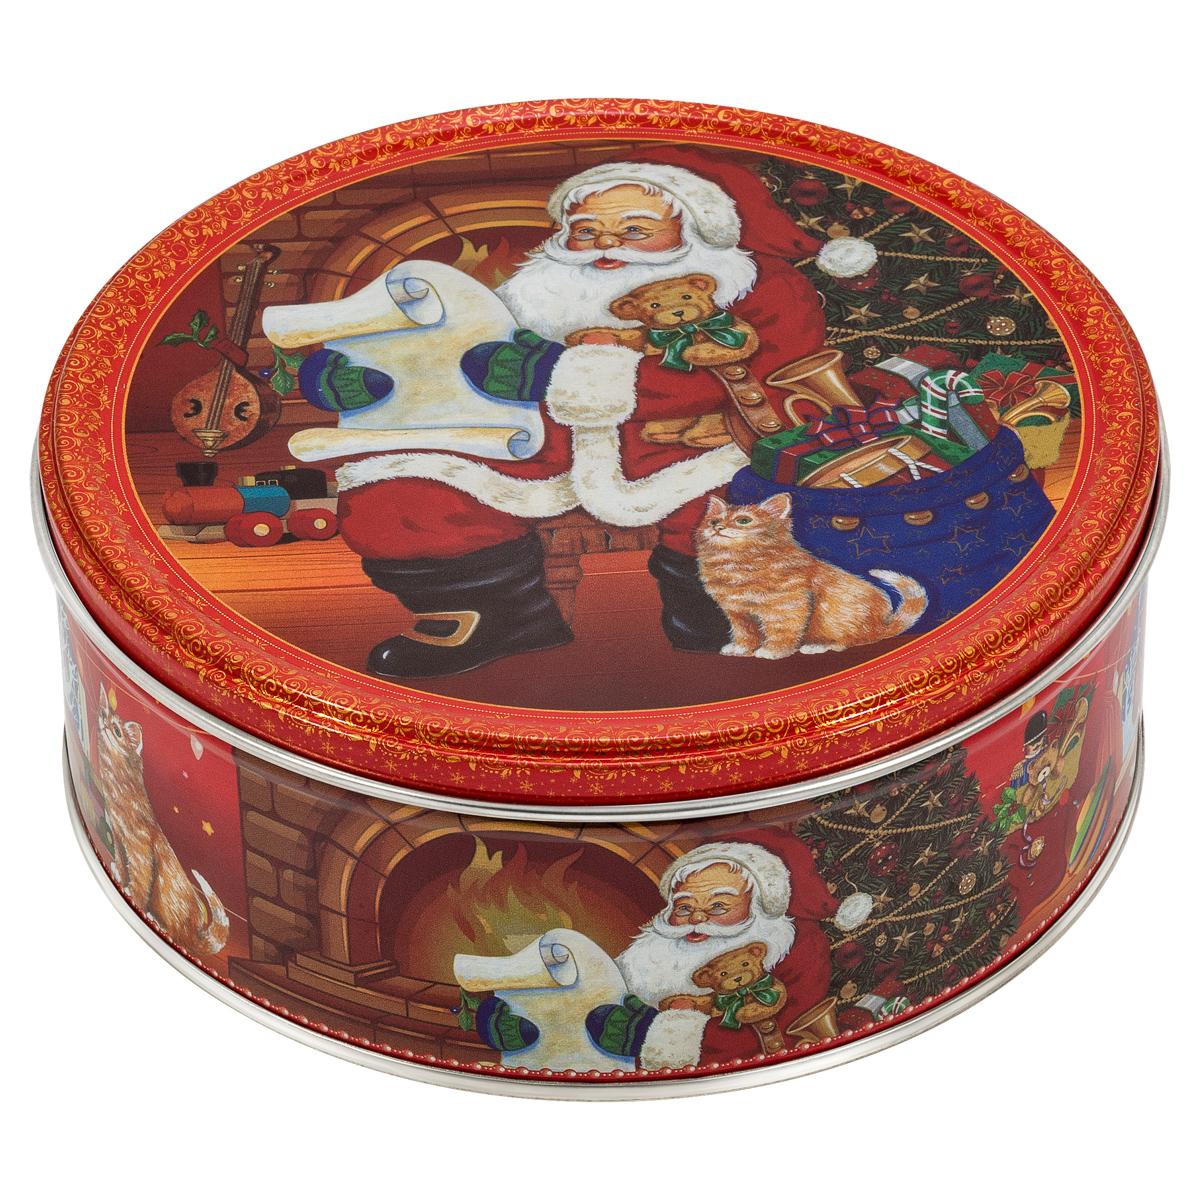 Сладкая Сказка Печенье в подарочной новогодней красной банке, 150 г набор вкусная помощь я люблю 4 х 50 мл